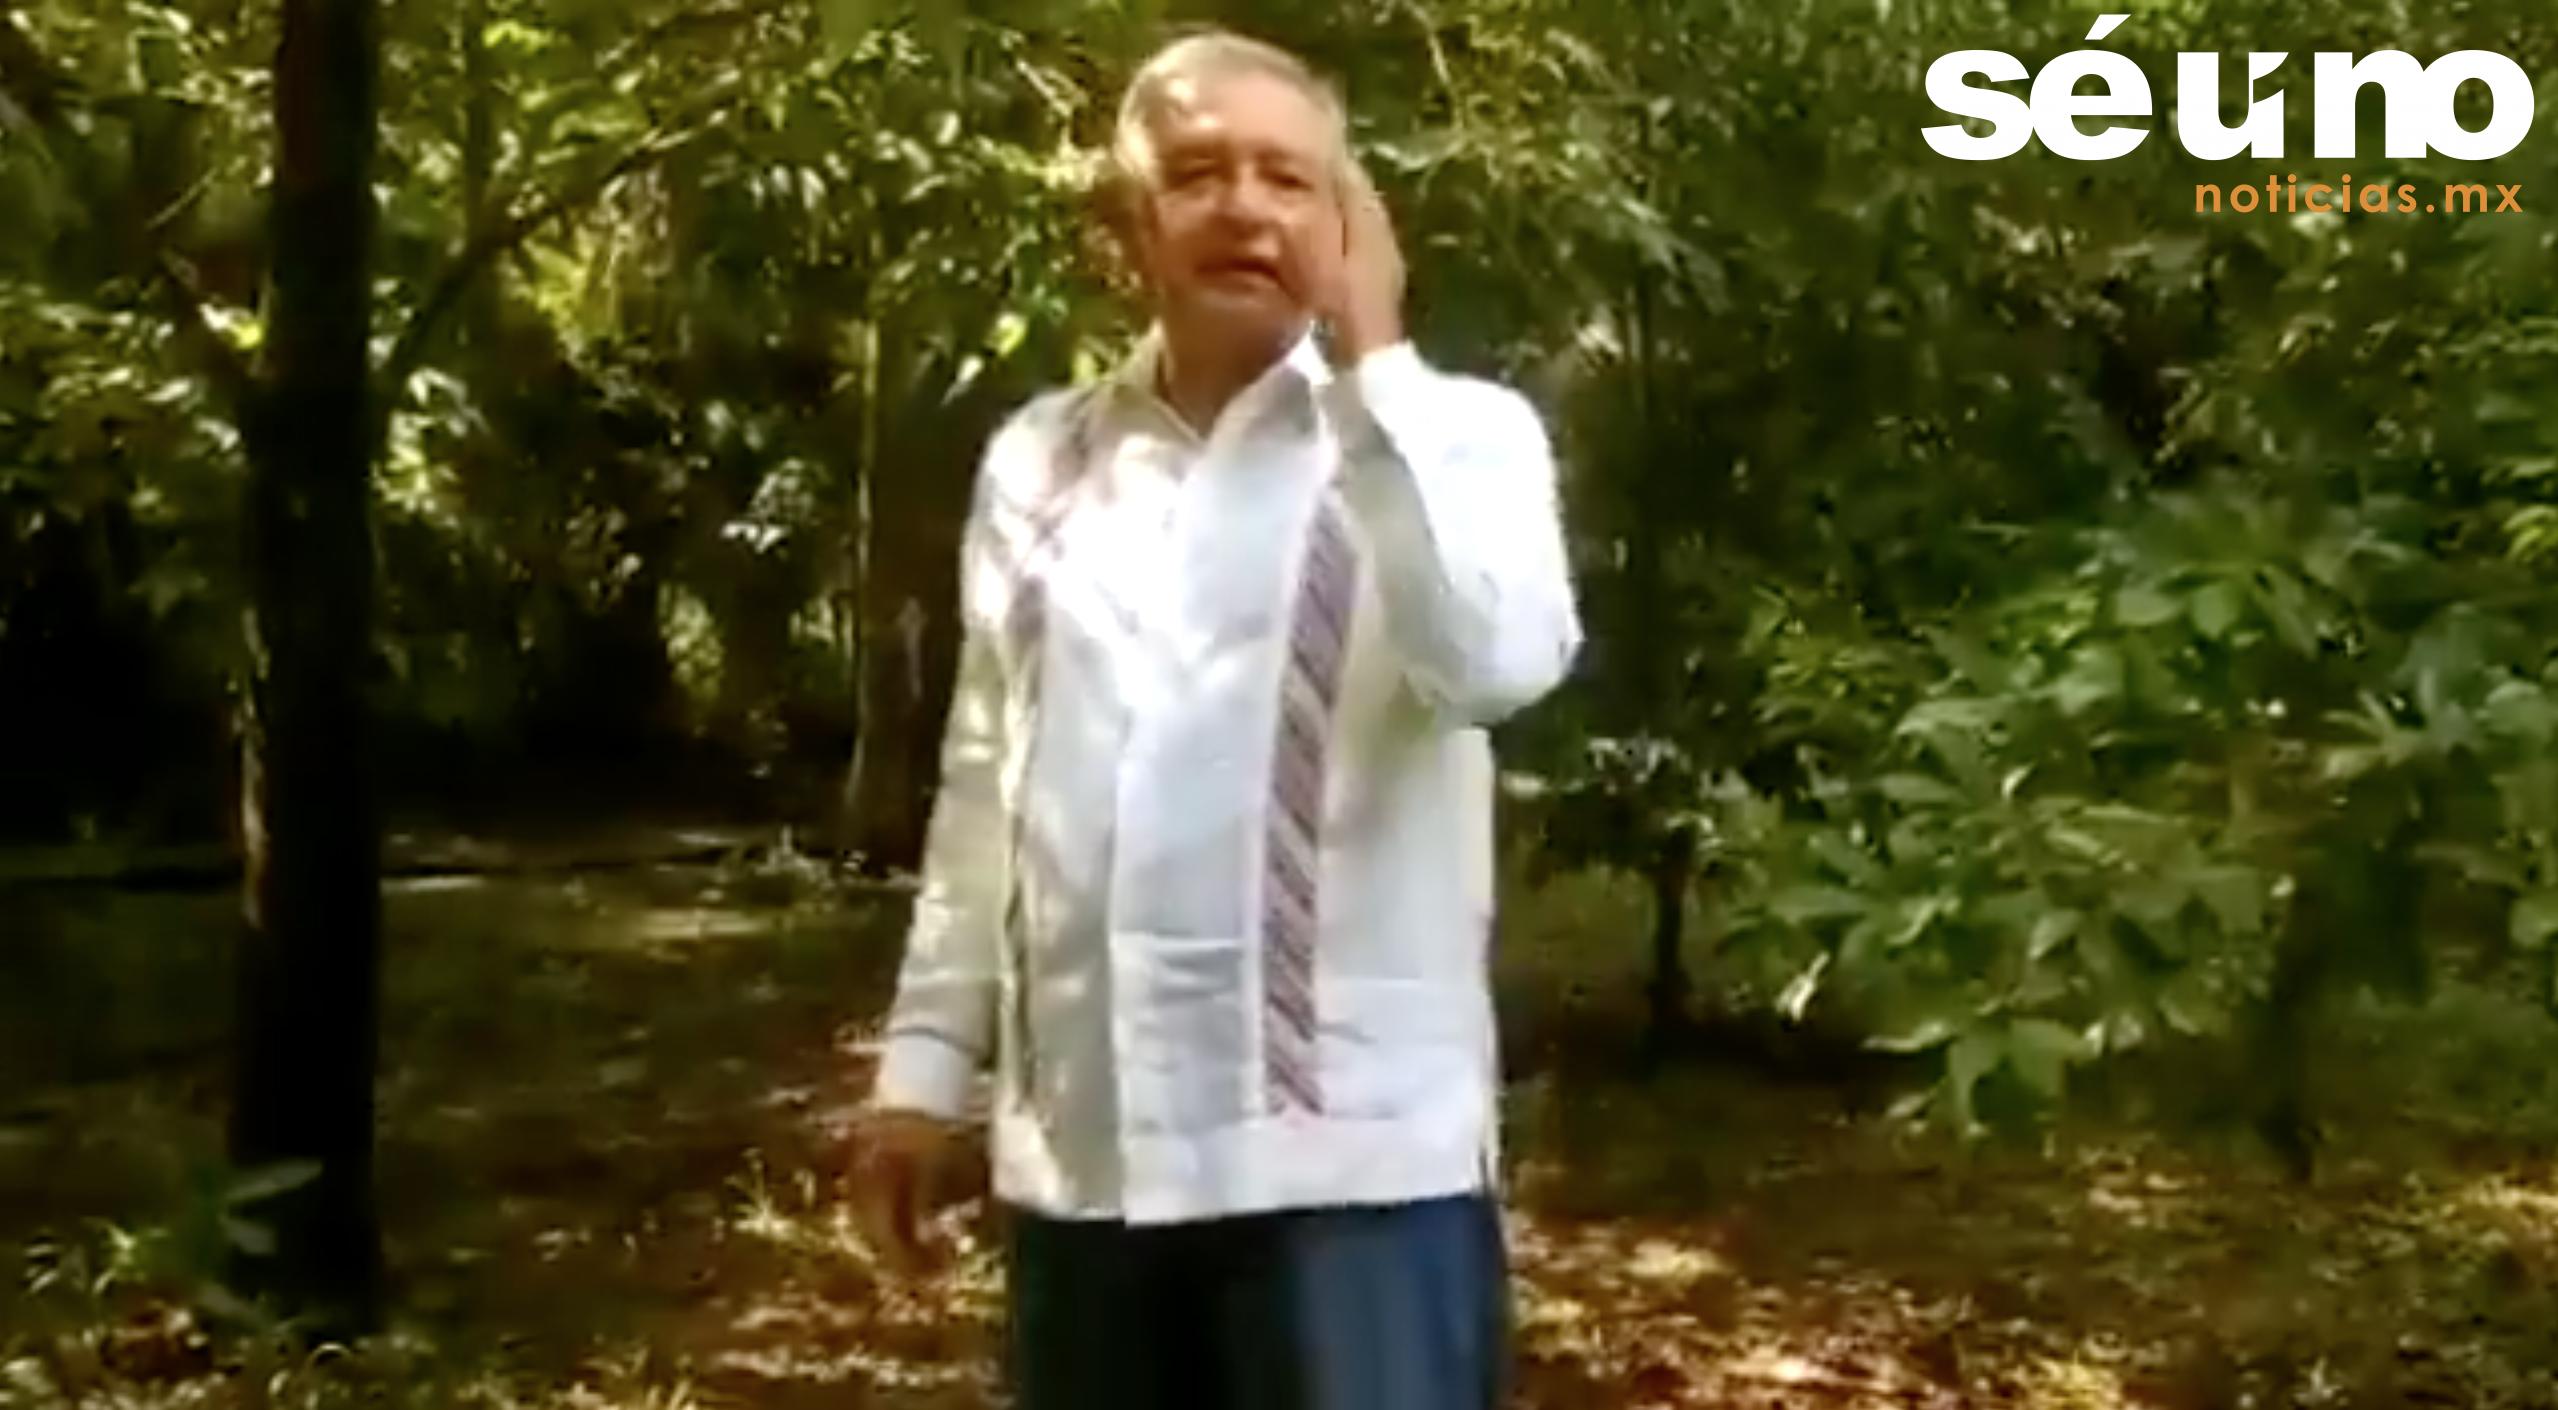 """El presidente Andrés Manuel López Obrador dijo que """"no hay nada que temer"""" pues, tras reflexionar, considera que su gobierno va por el camino correcto."""